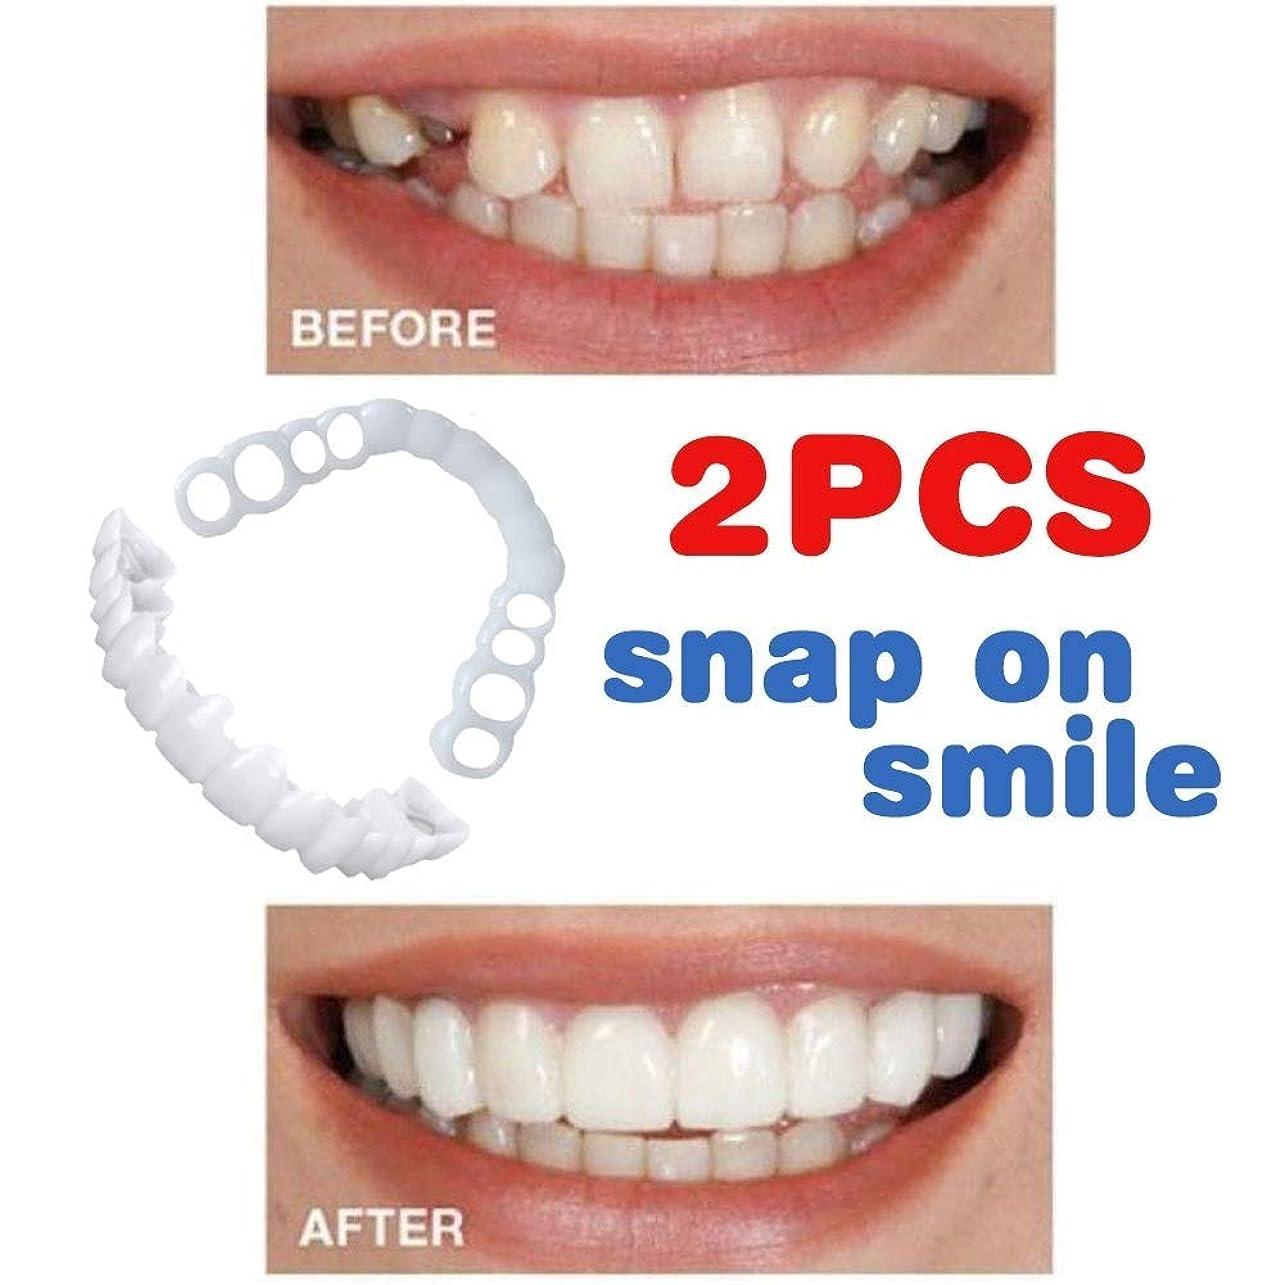 ブロー邪魔する生きる完璧な笑顔ホワイトニング義歯フィットフレックス化粧品歯快適なベニアカバーデンタルケアアクセサリーベニア化粧品ベニア